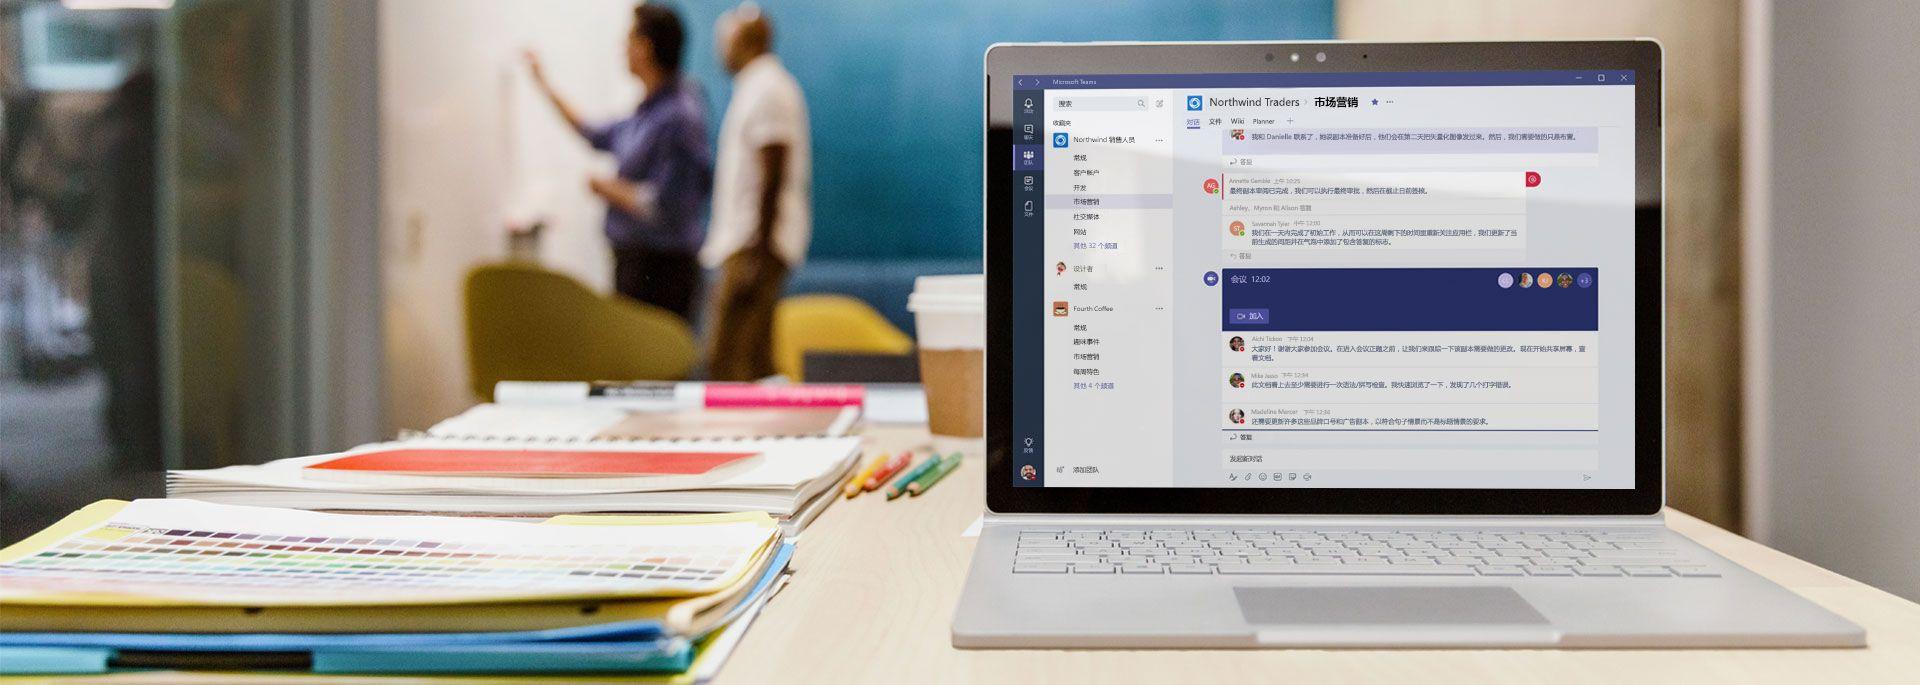 Microsoft Teams 中的 Ein Tablet mit einer Unterhaltung